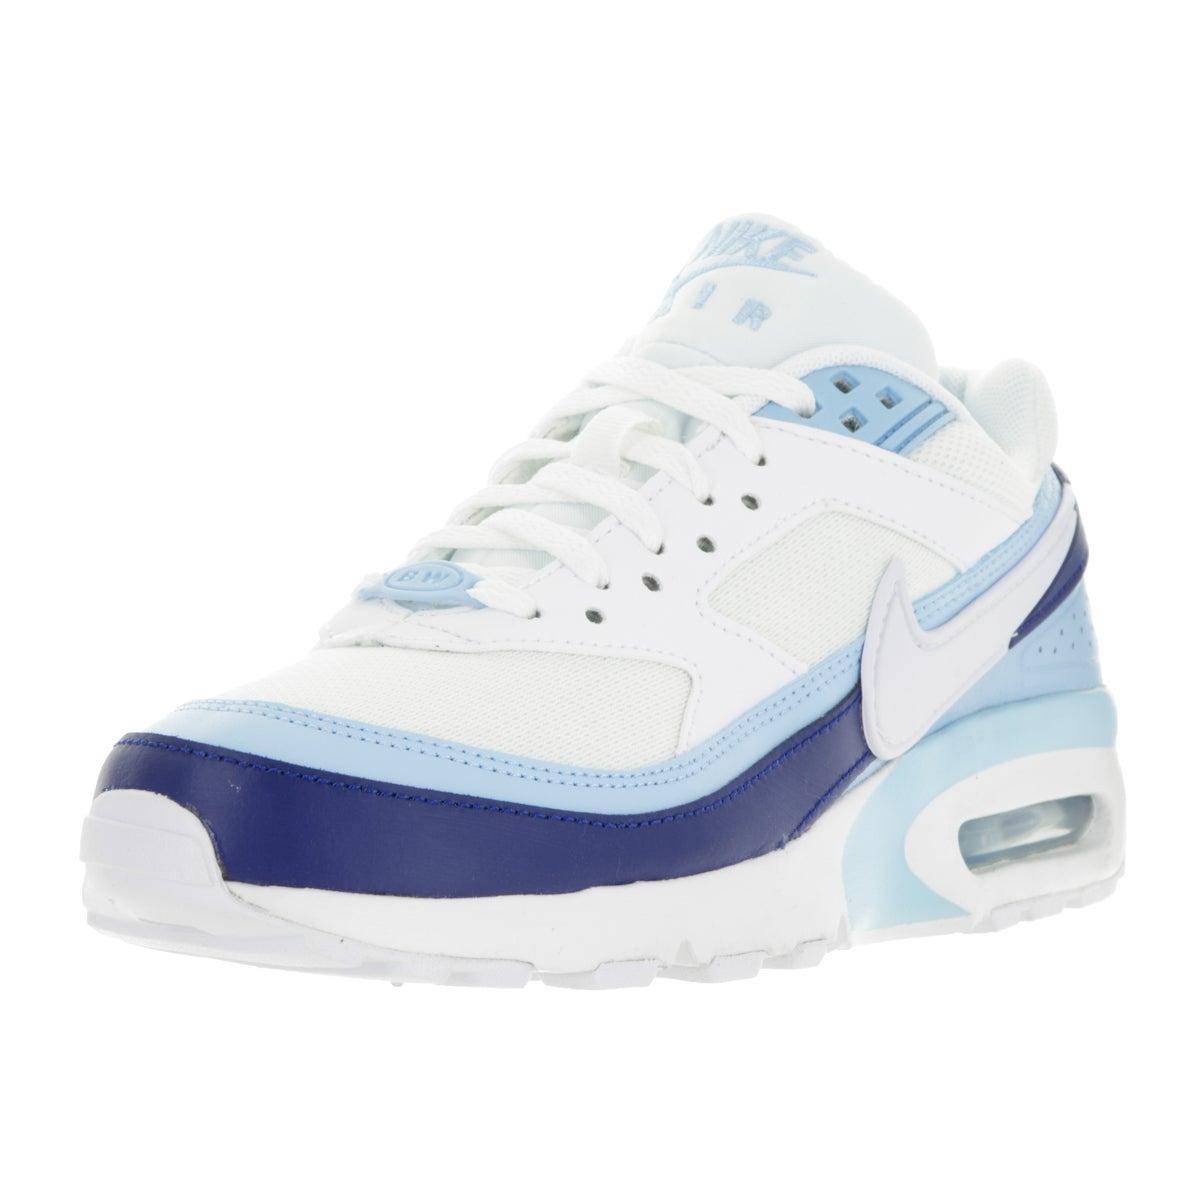 usa air max bw blue b163b 9144c